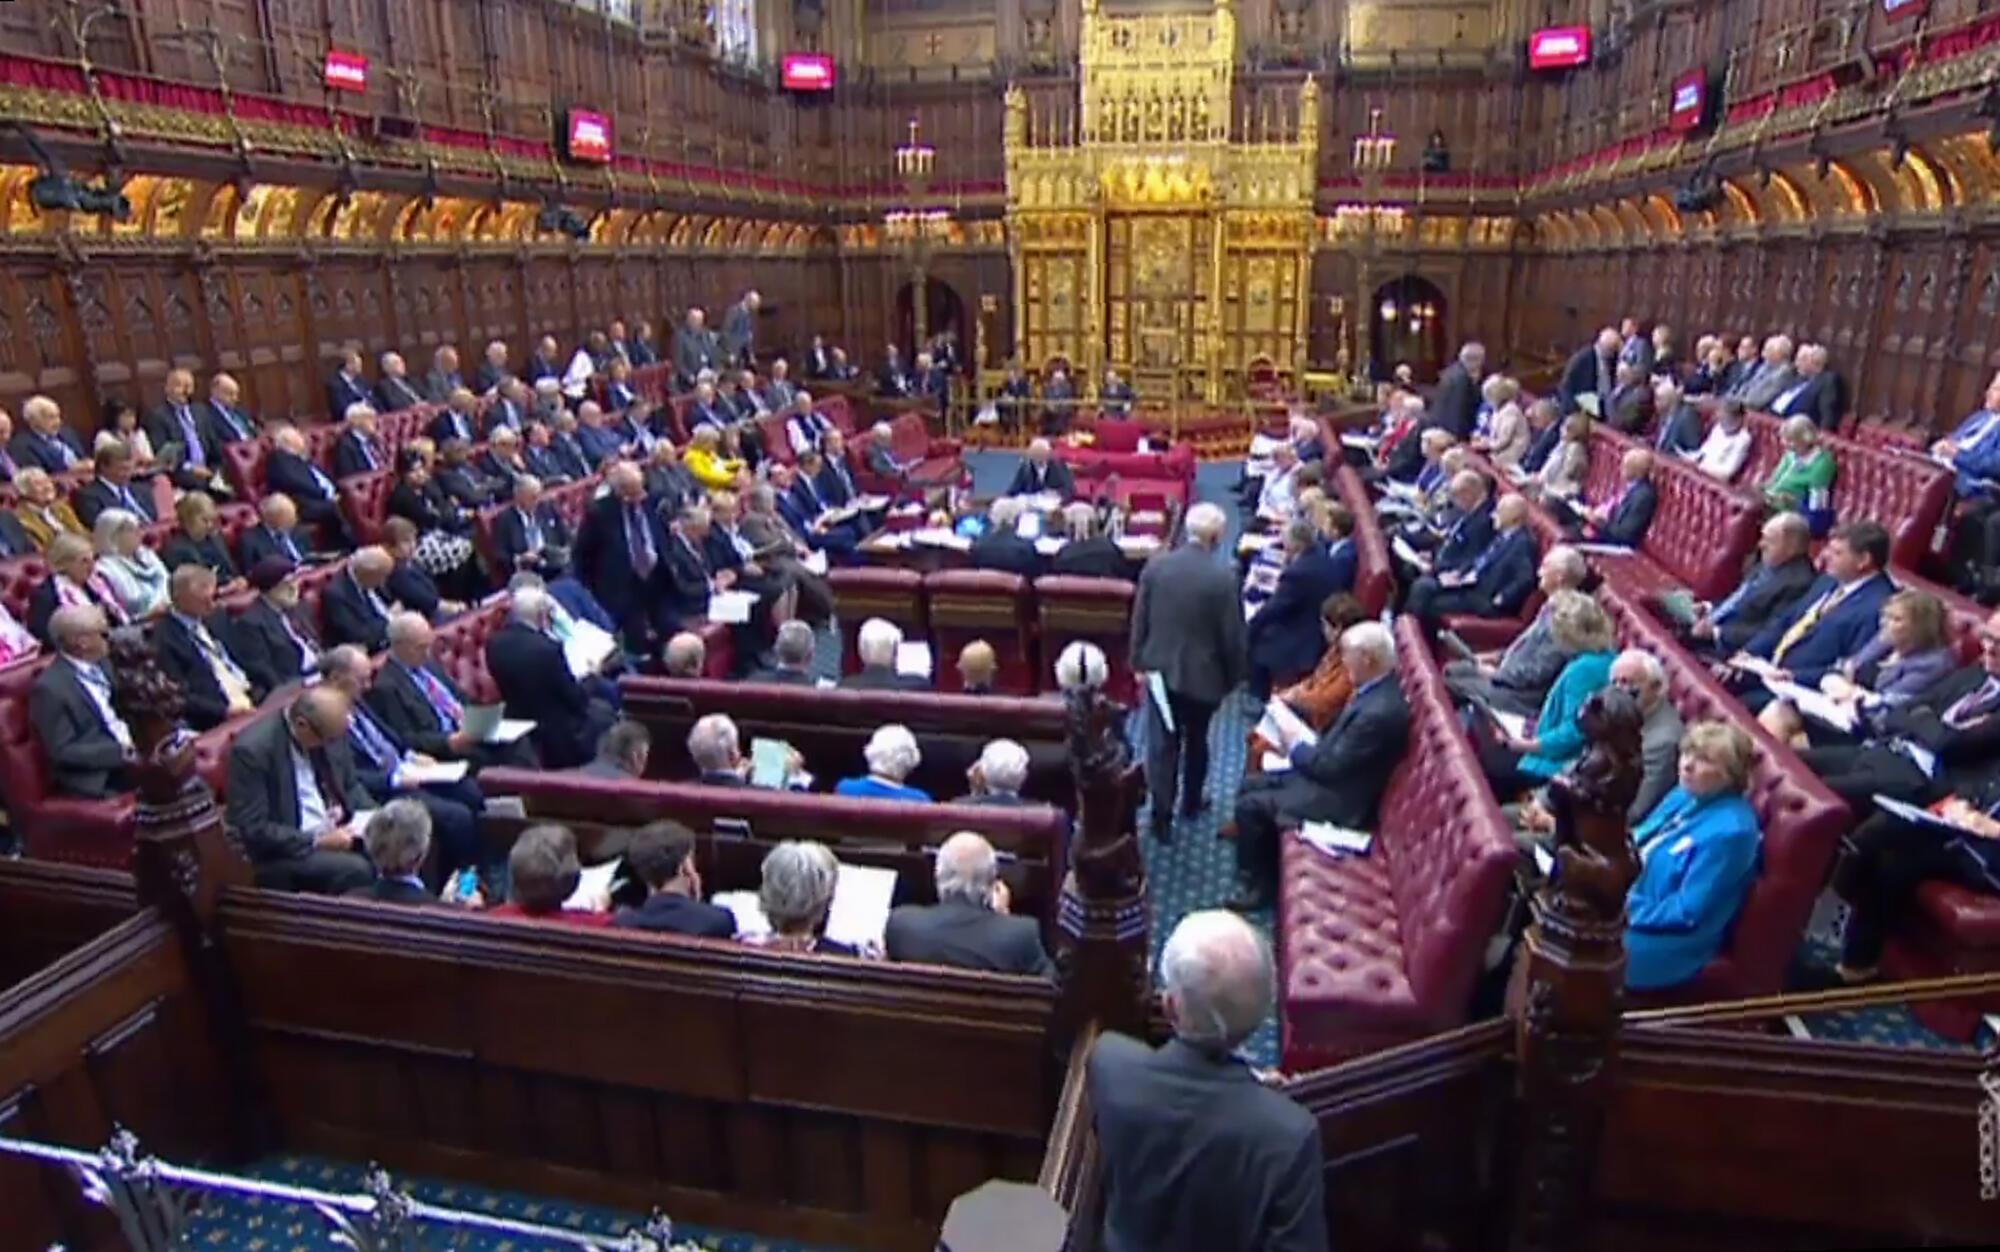 Nghị Viện Anh liên tục bị hồ sơ Brexit khuấy động. Ảnh ngày 06/09/2019